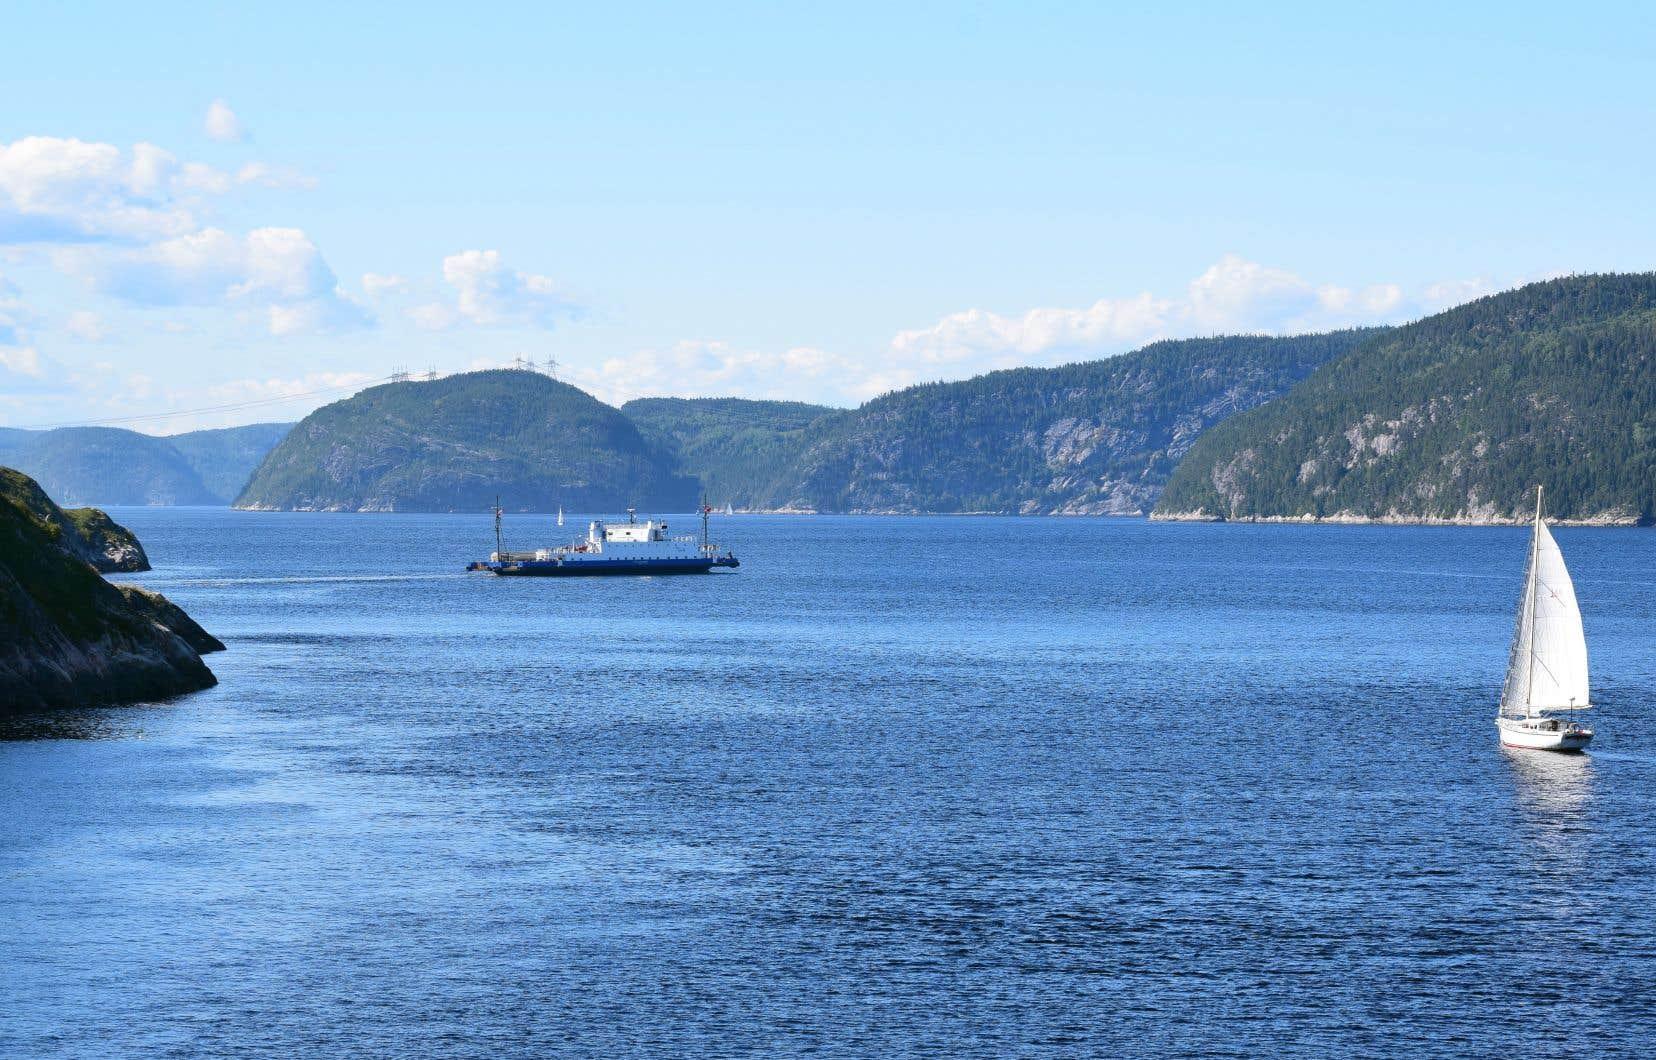 Du pétrole déversé en profondeur dans le cadre de forages dans le golfe du Saint-Laurent risquerait de remonter jusqu'à Tadoussac, au cœur du parc marin du Saguenay–Saint-Laurent.